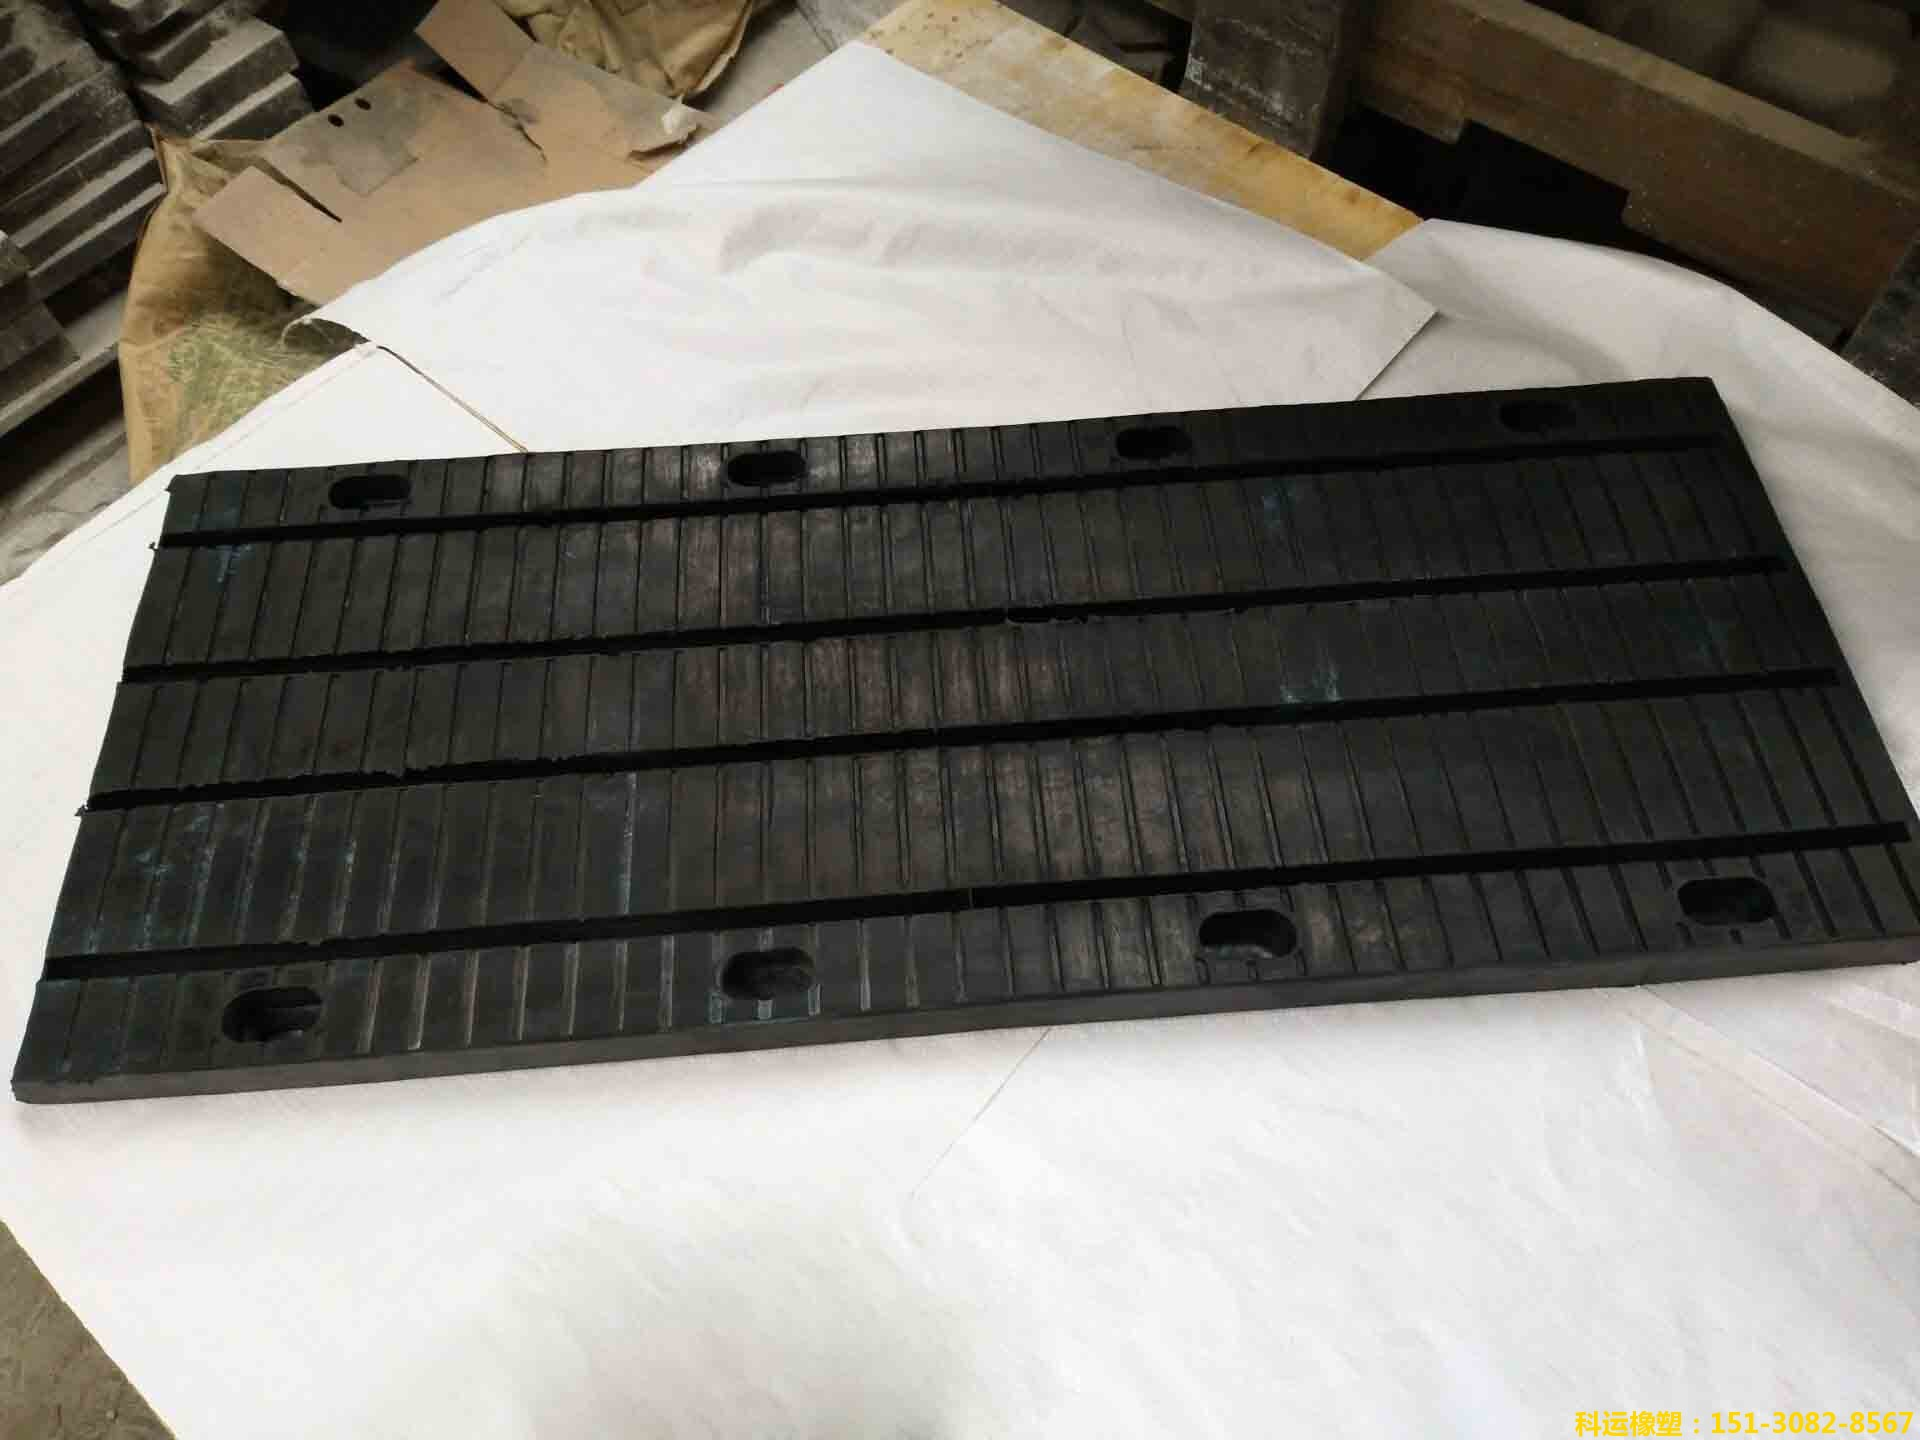 板式橡胶桥梁伸缩缝公路桥梁板式橡胶伸缩缝 桥梁板缝生产研发基地-科运路桥配件正品1